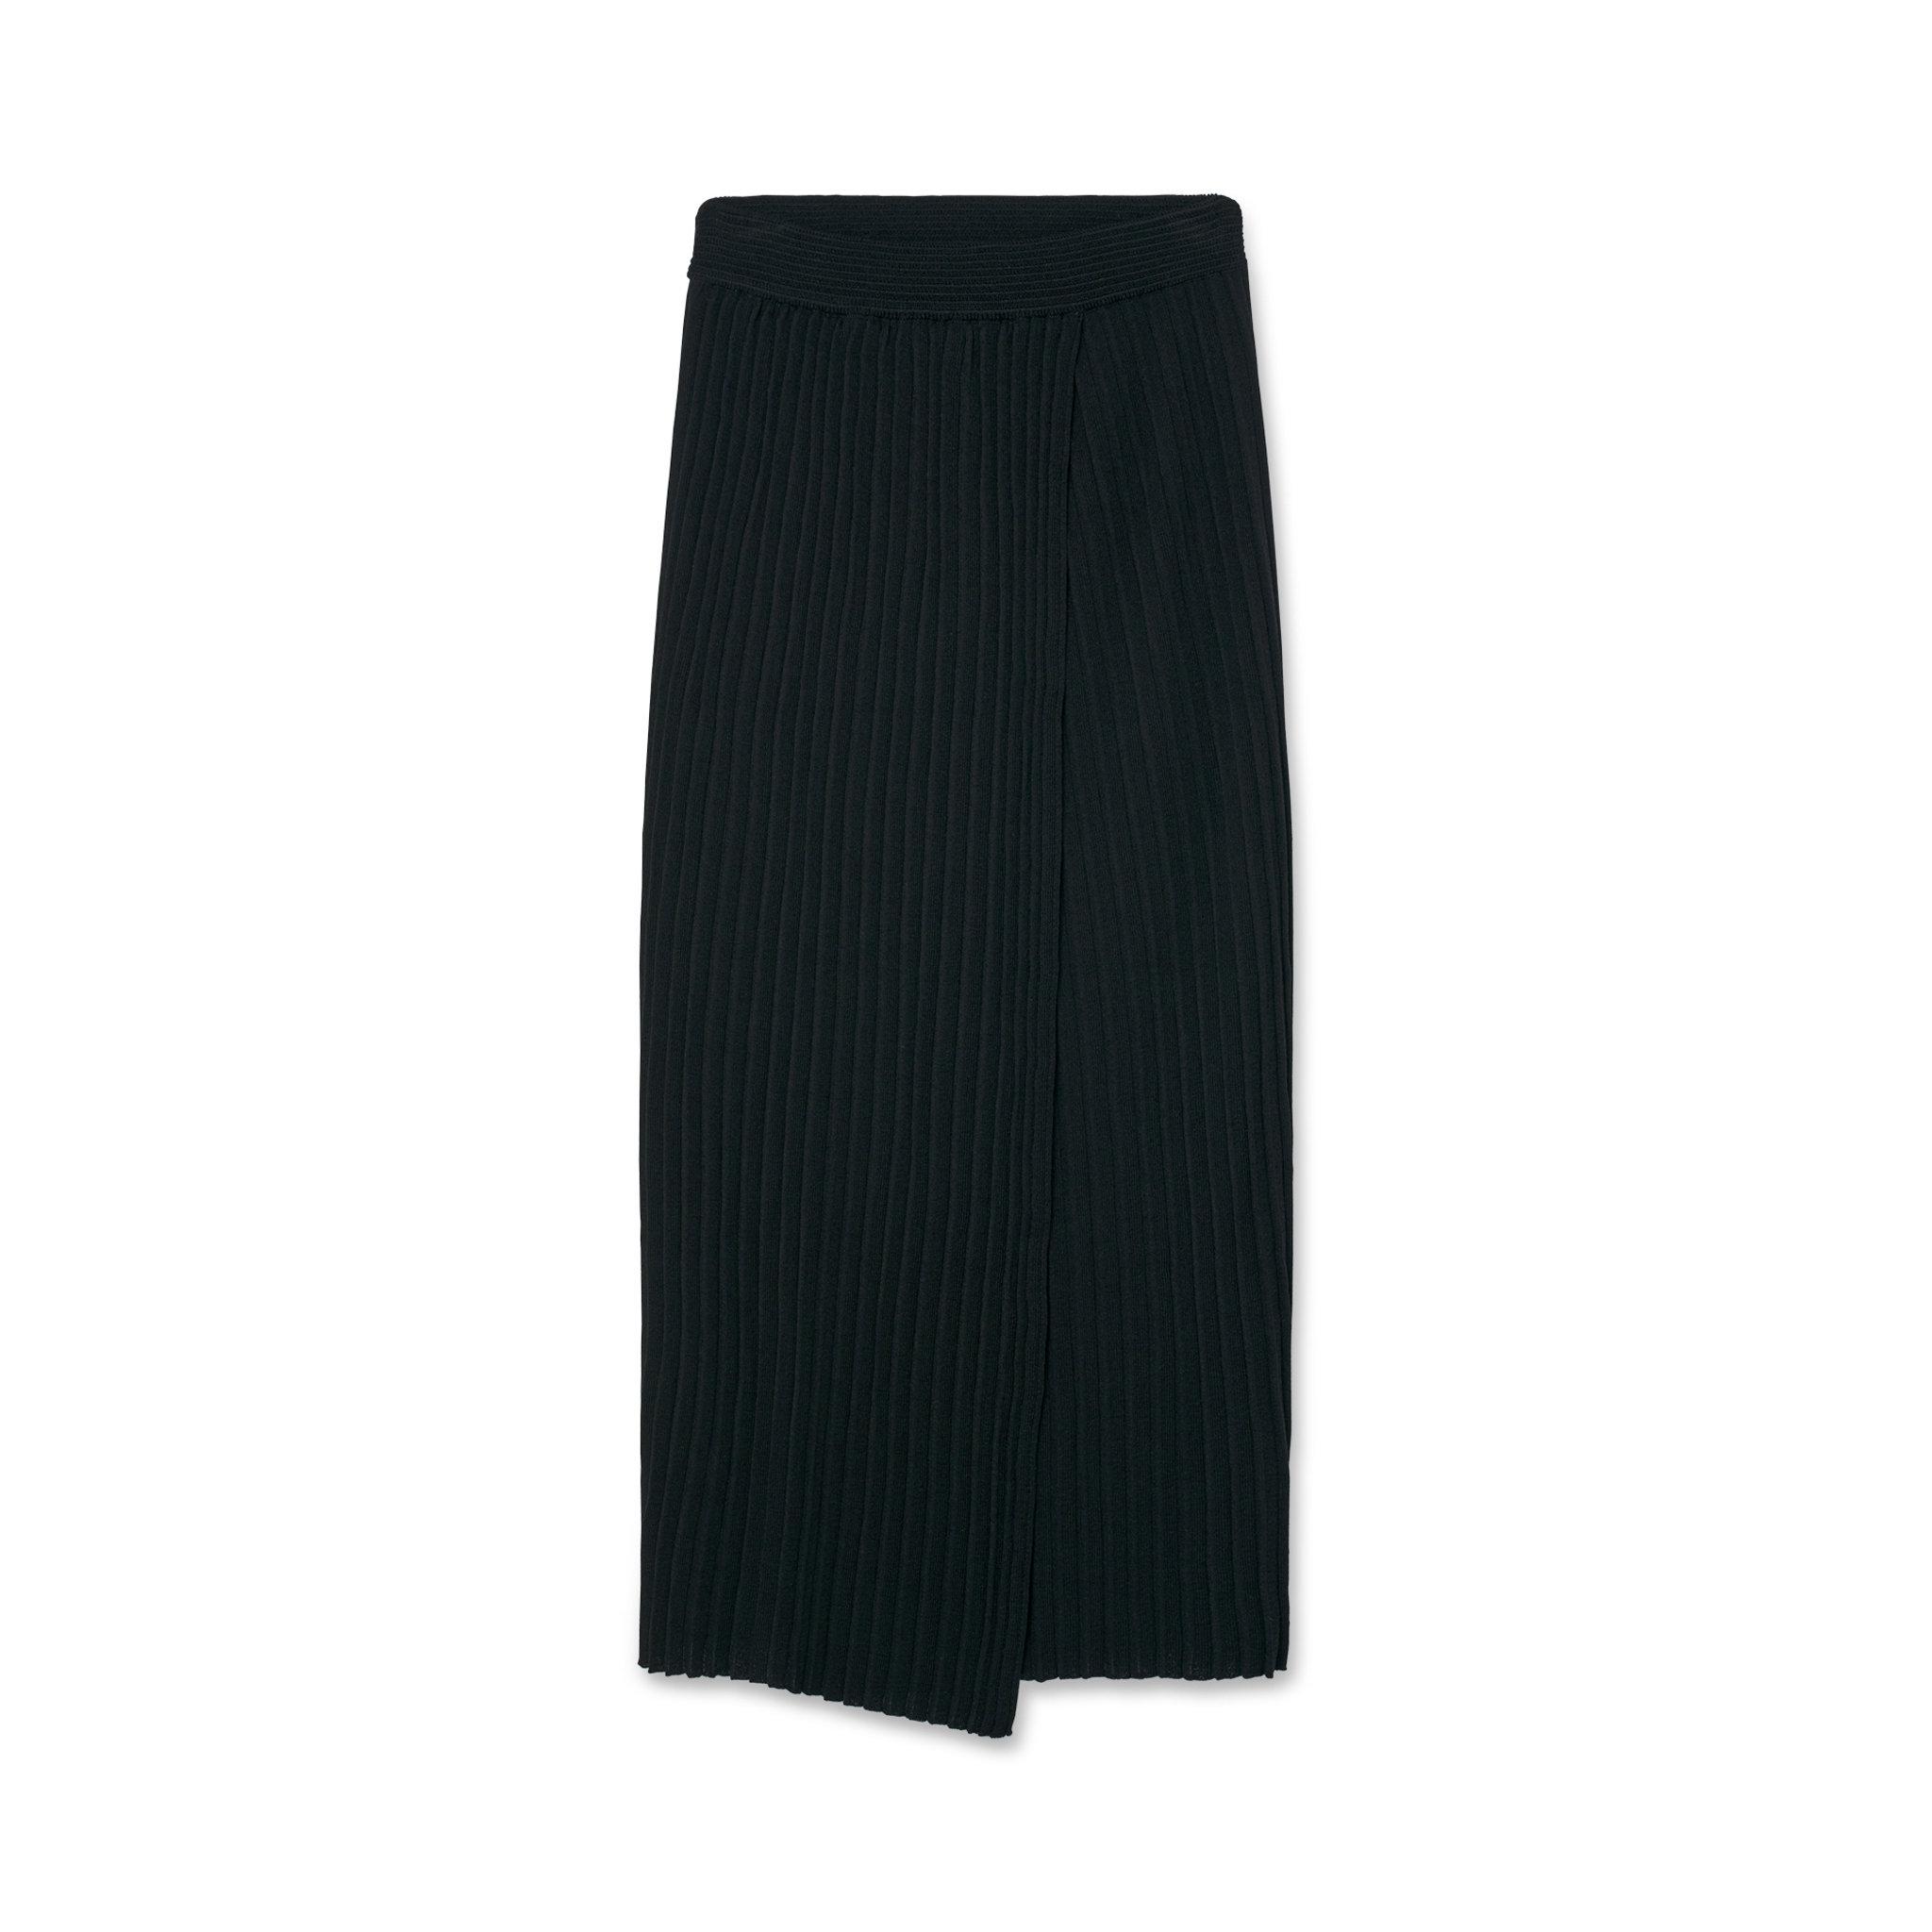 Ribbstickad kjol - Kjolar - Köp online på åhlens.se! 8c543f984e1d1